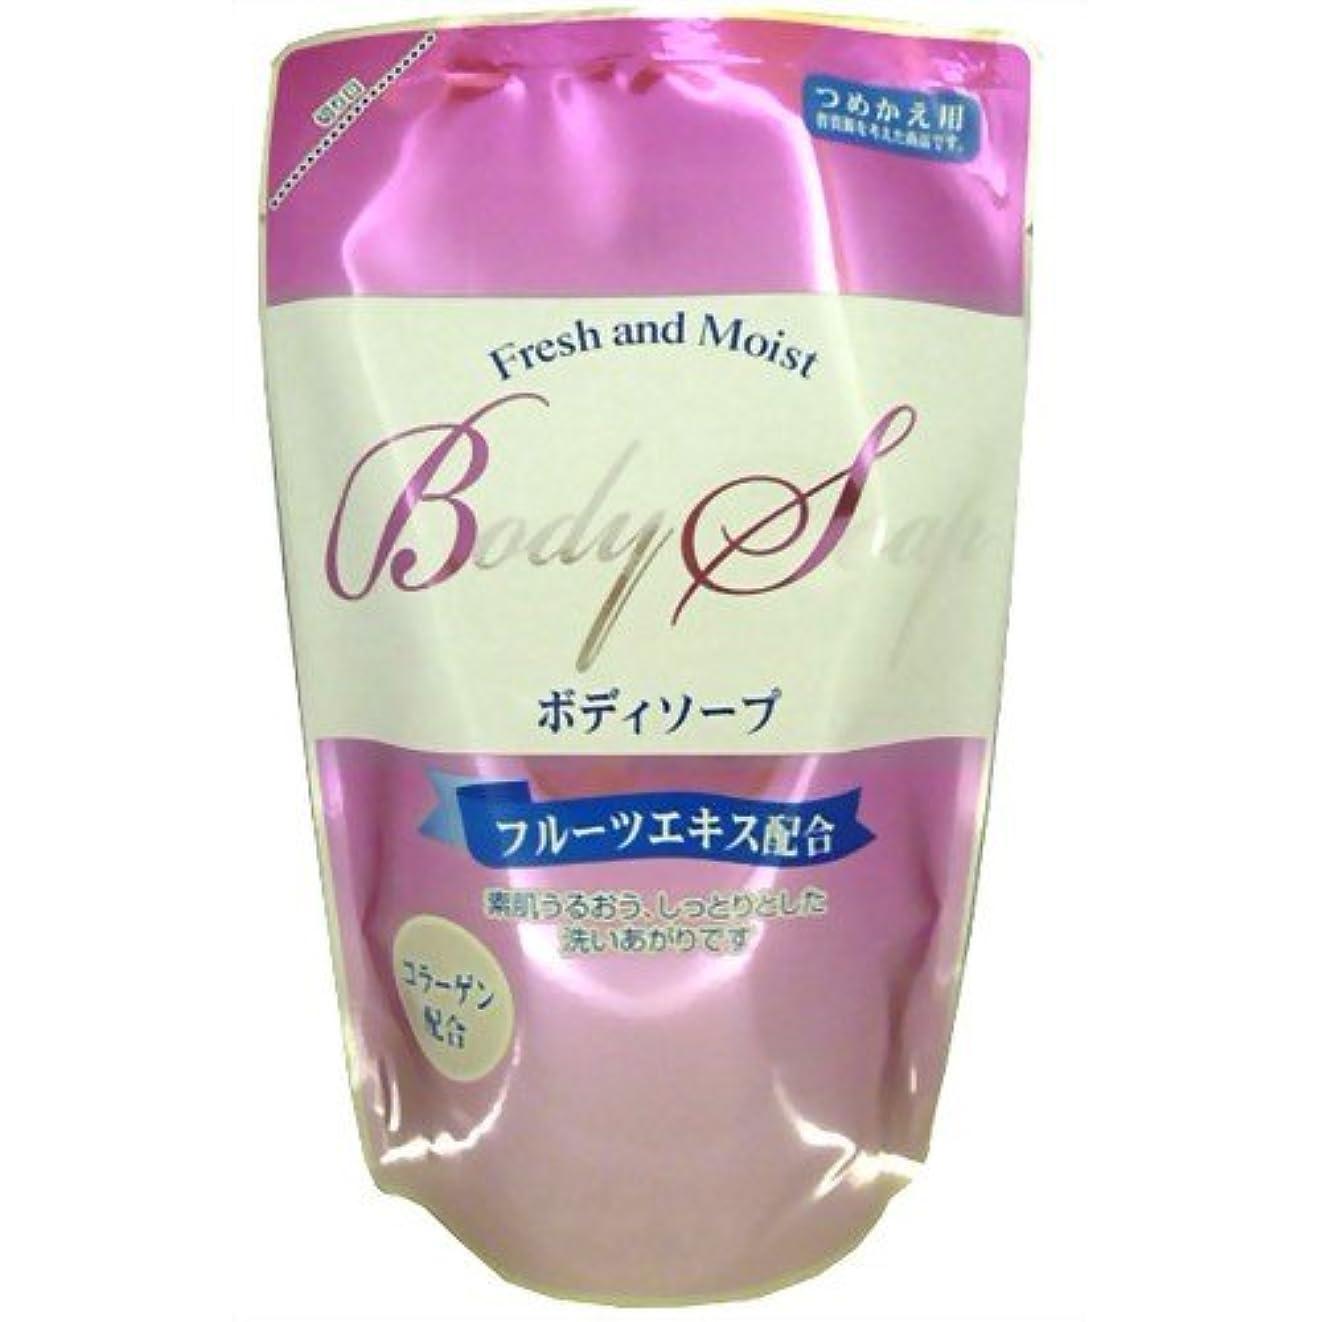 朝ごはん咽頭冷蔵するエオリア フレッシュアンドモイスト ボディソープ つめかえ用 300ml